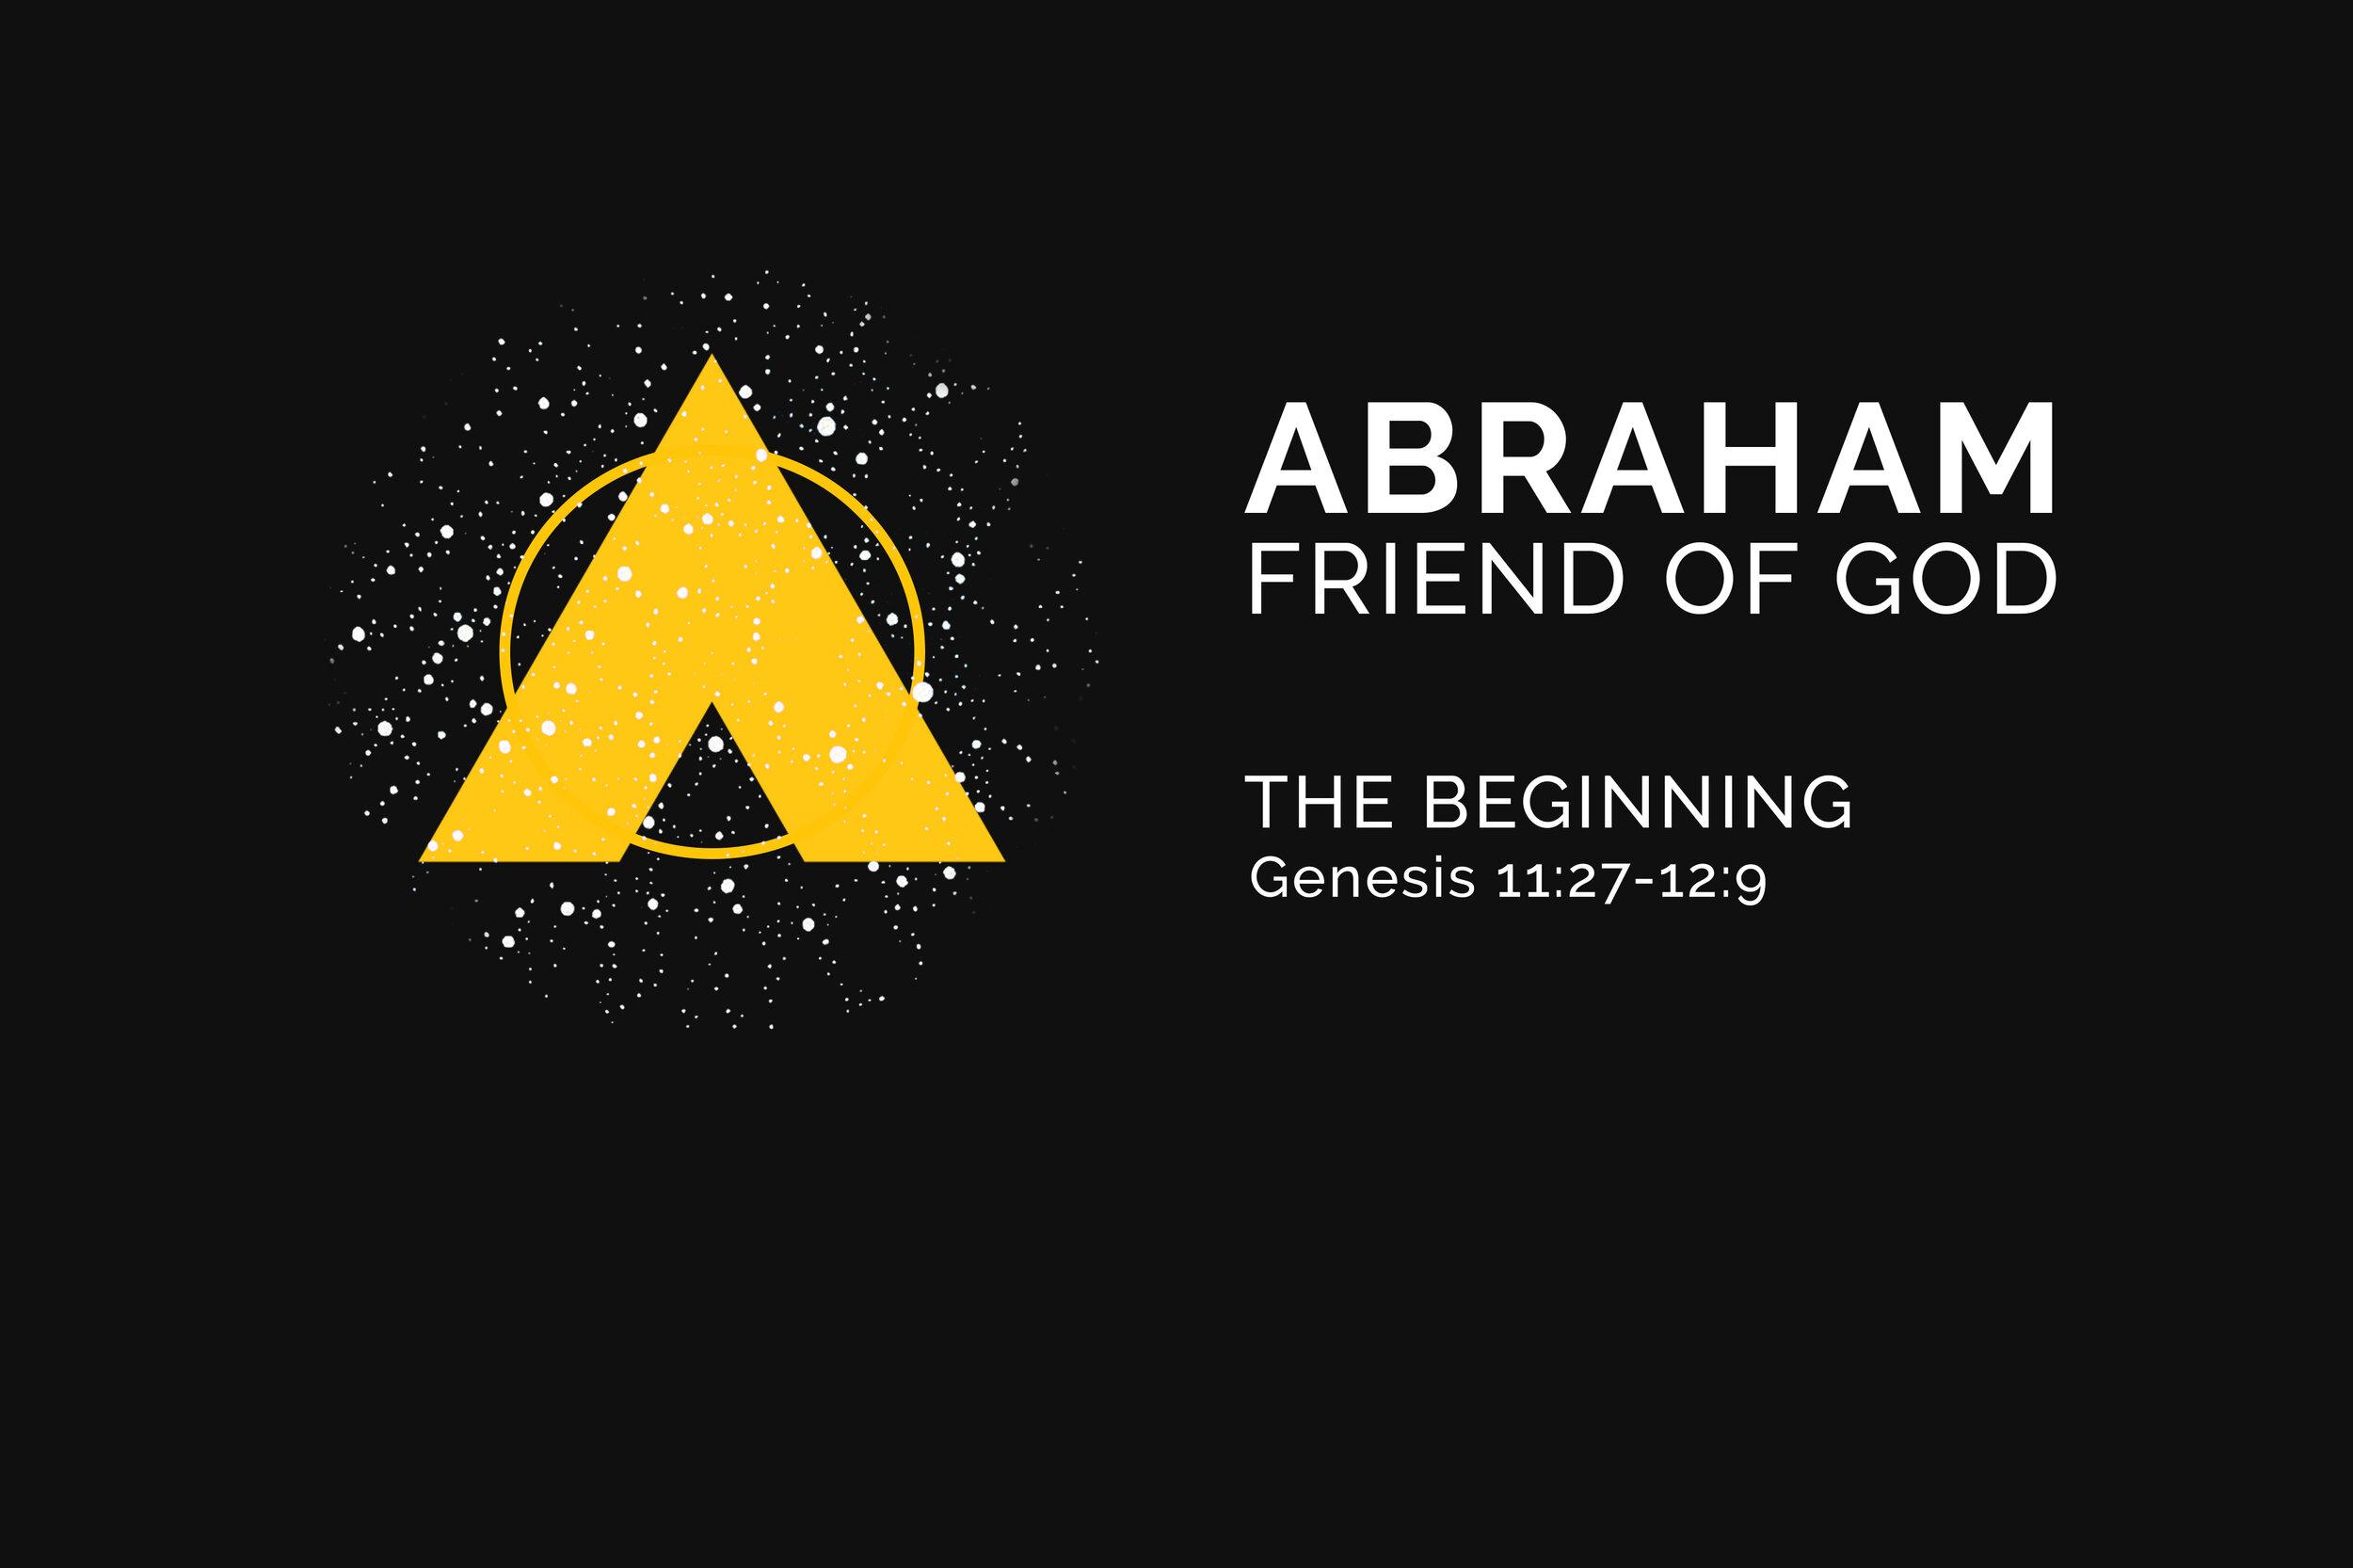 emmaus-abraham-friend-of-god-the-beginninng.jpeg